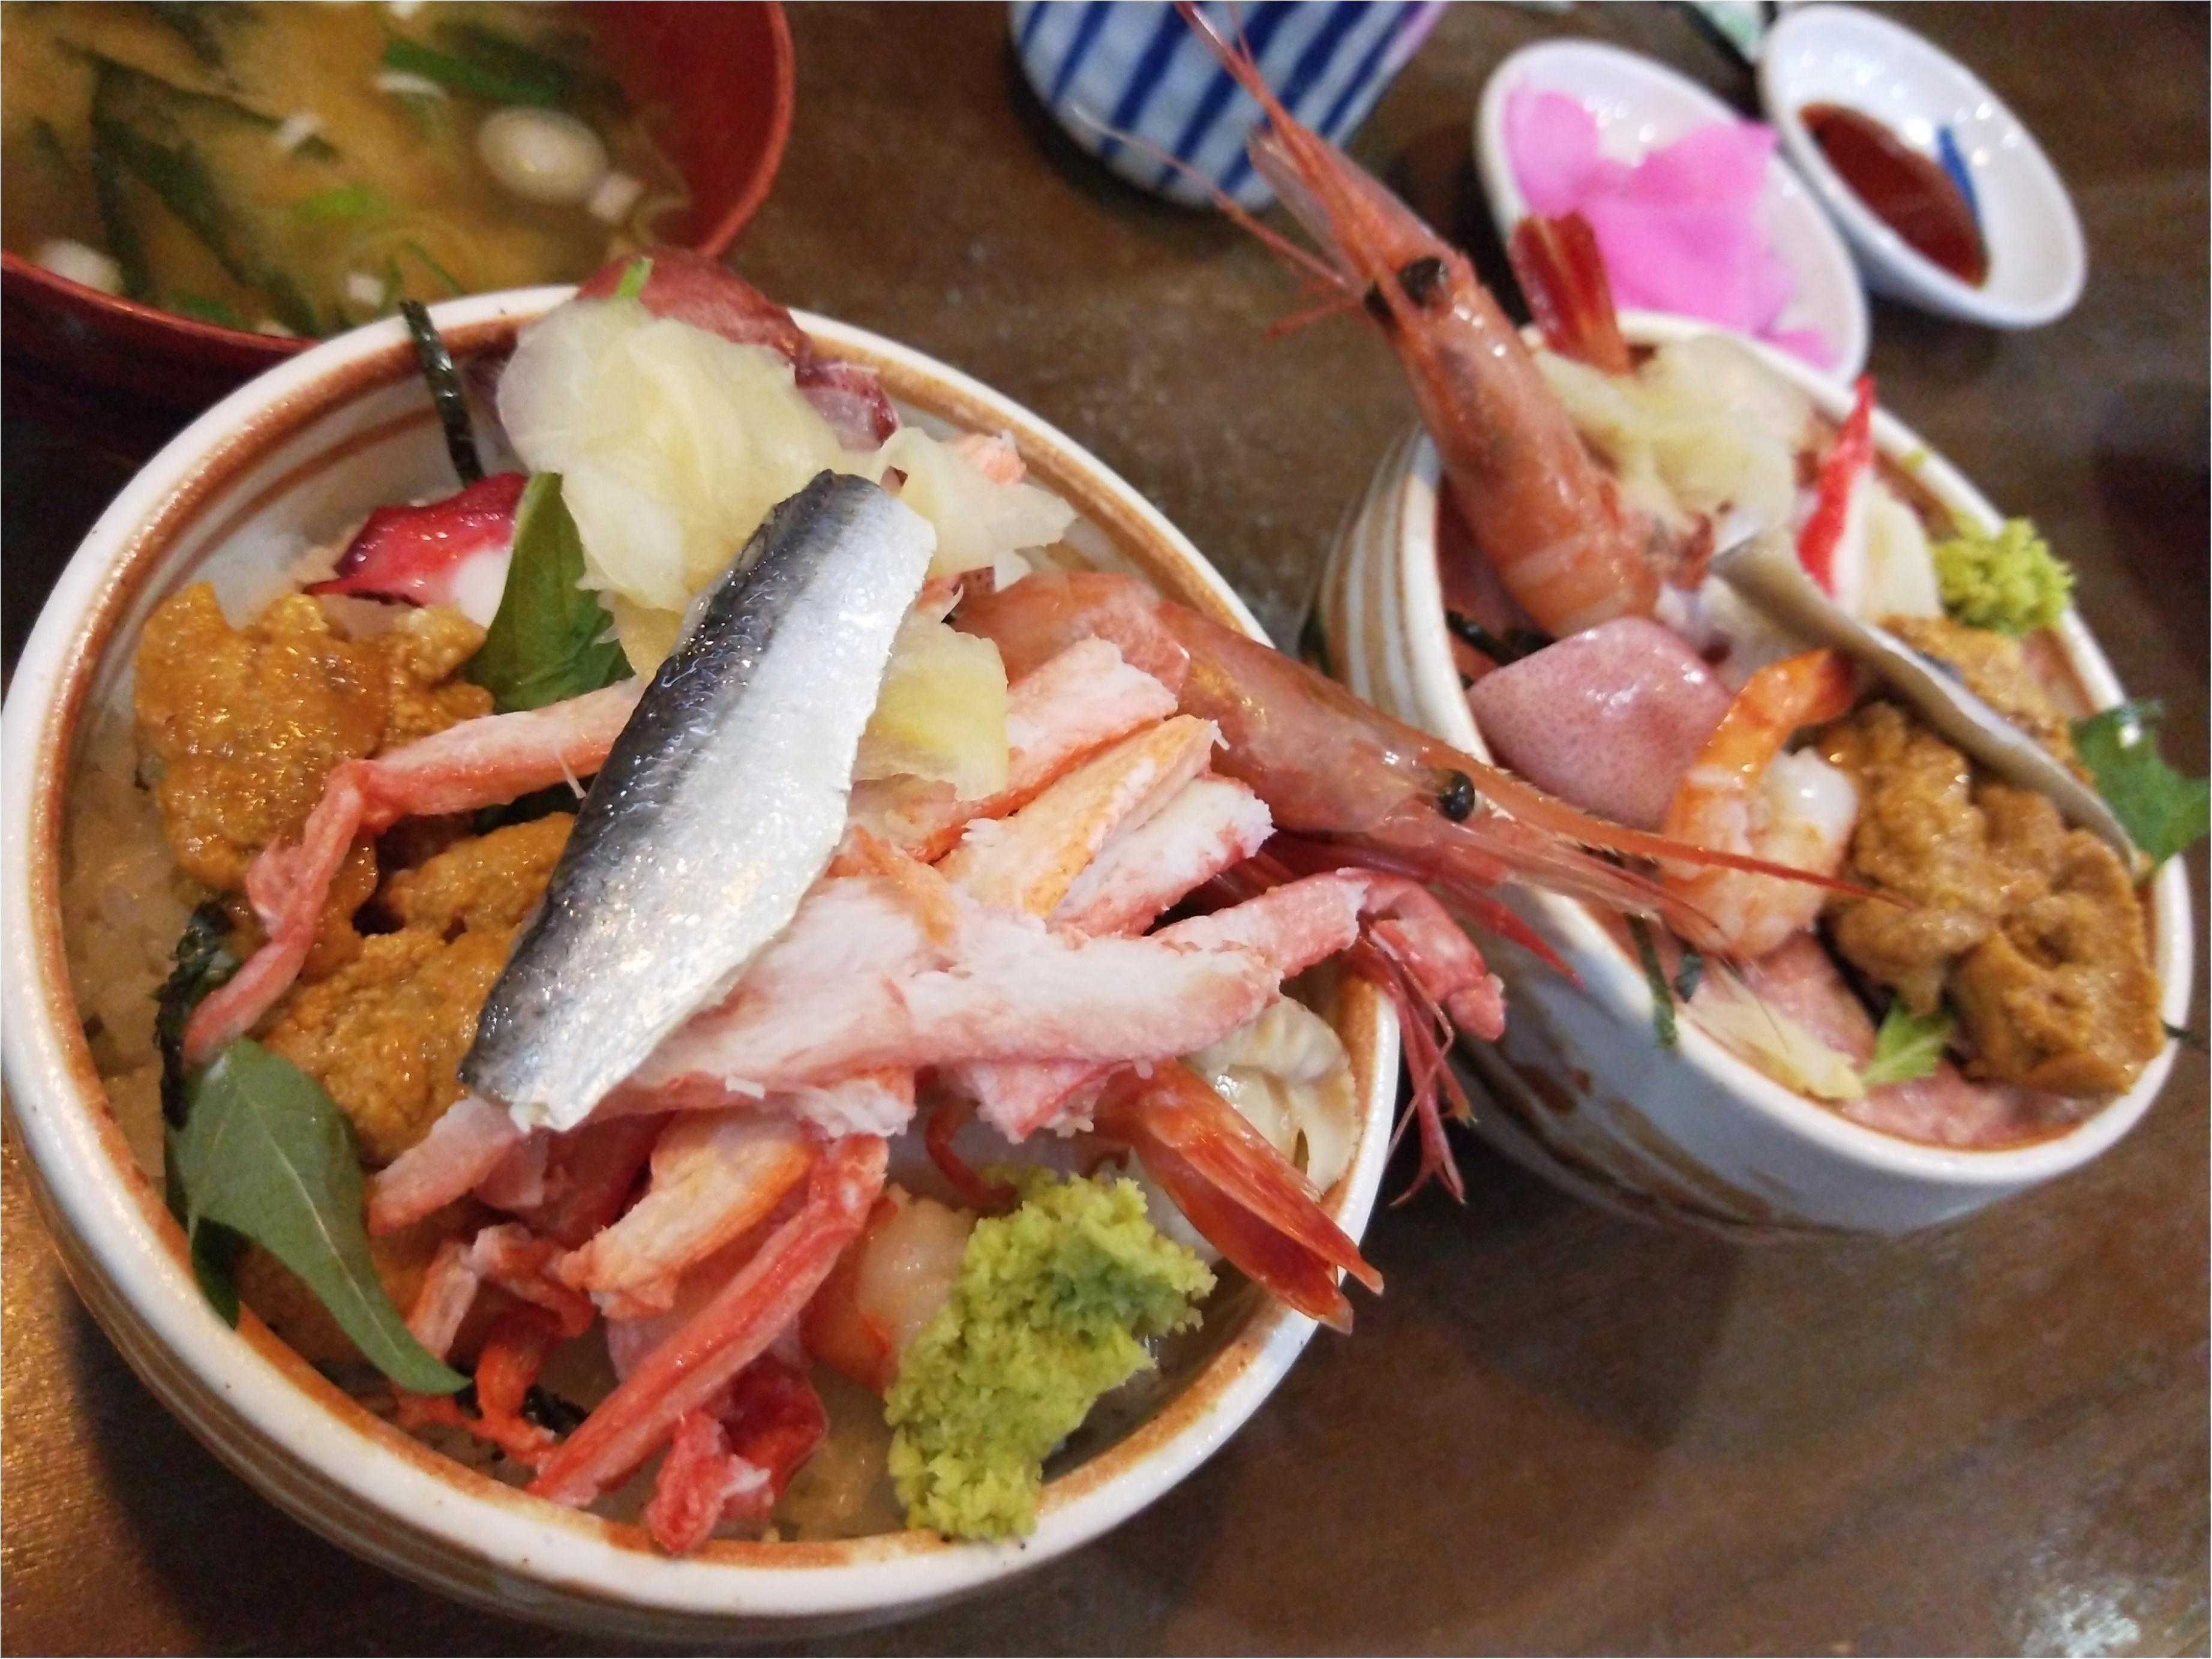 丘一面に広がる青い絨毯「ネモフィラ」観賞と新鮮な海鮮丼を食すバスツアー✨_3_1